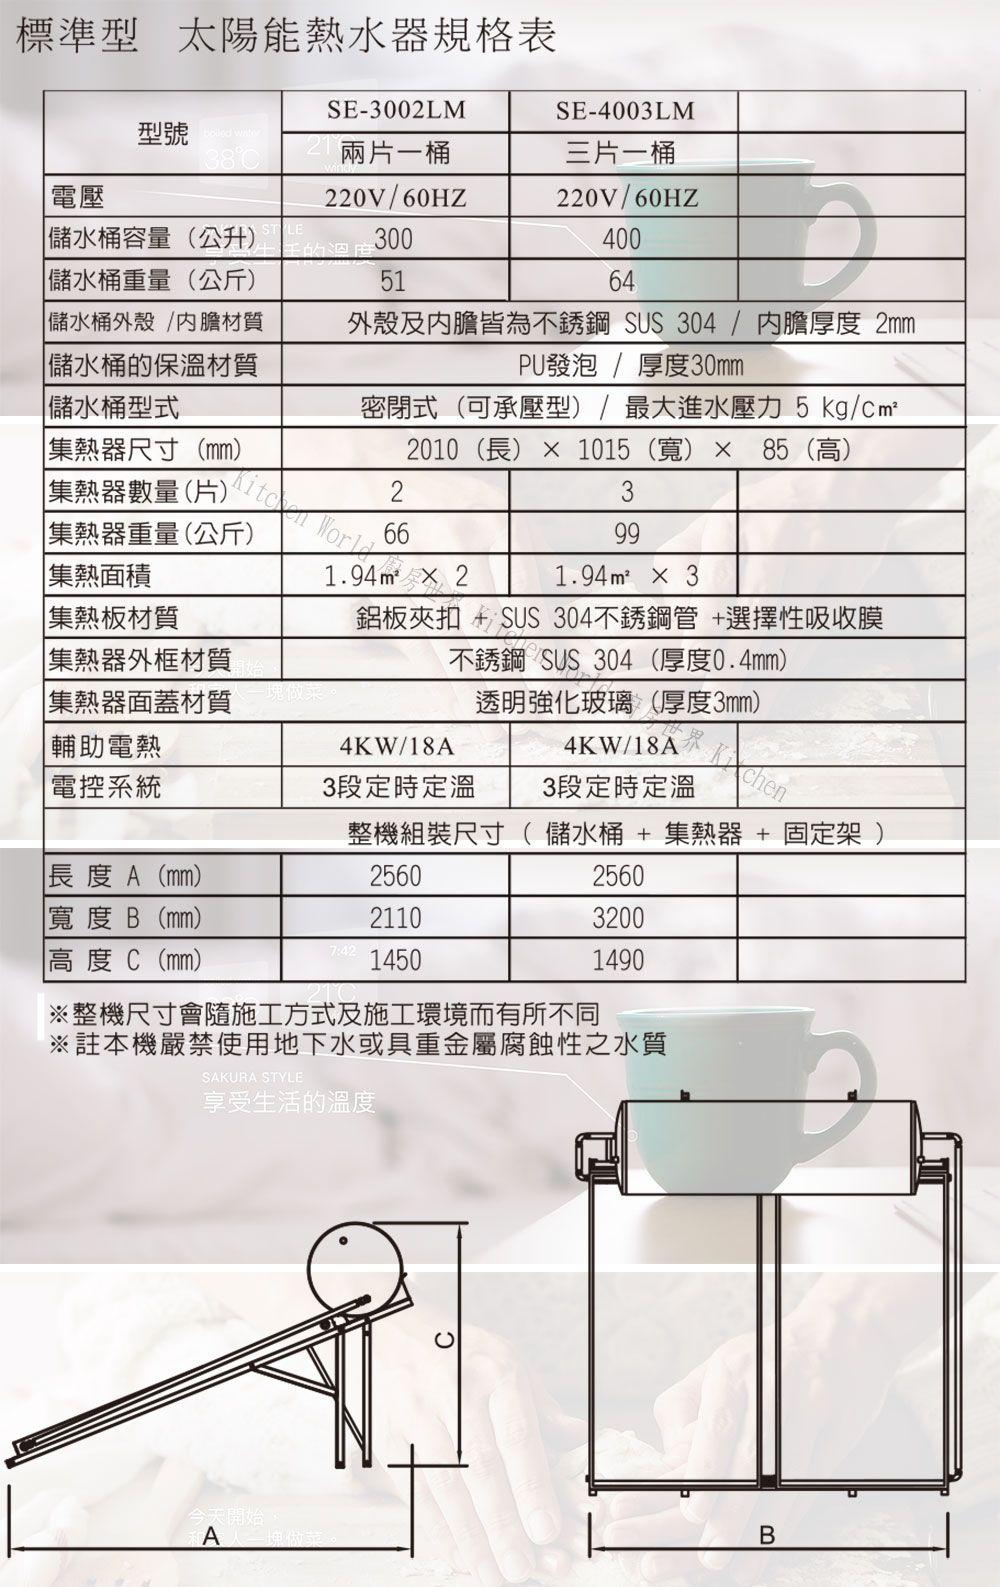 PK/goods/SAKURA/Water Heater/SE-3002LM-DM-1.jpg